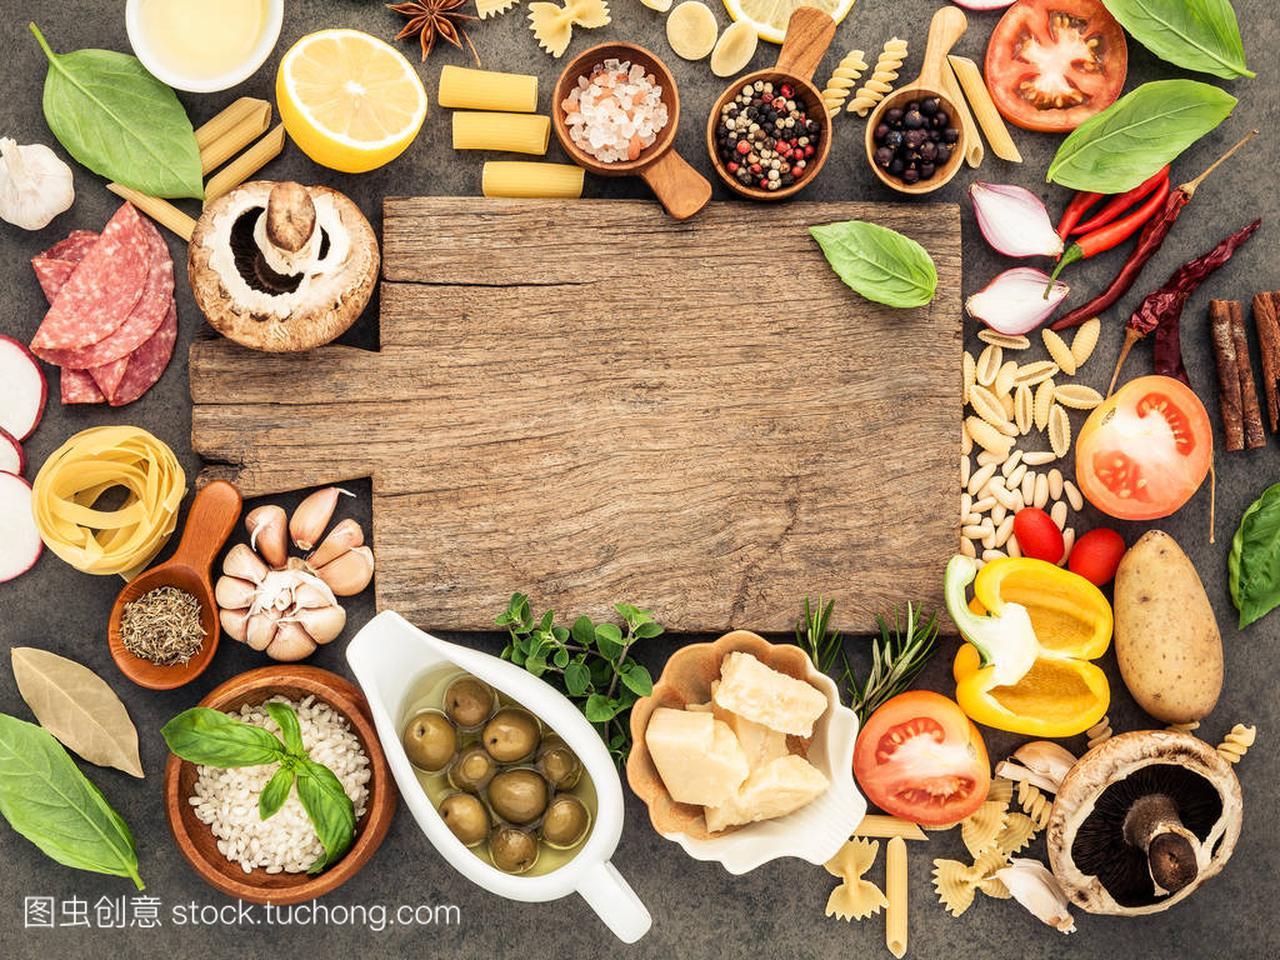 意大利食品烹饪原料上暗石背景与 c